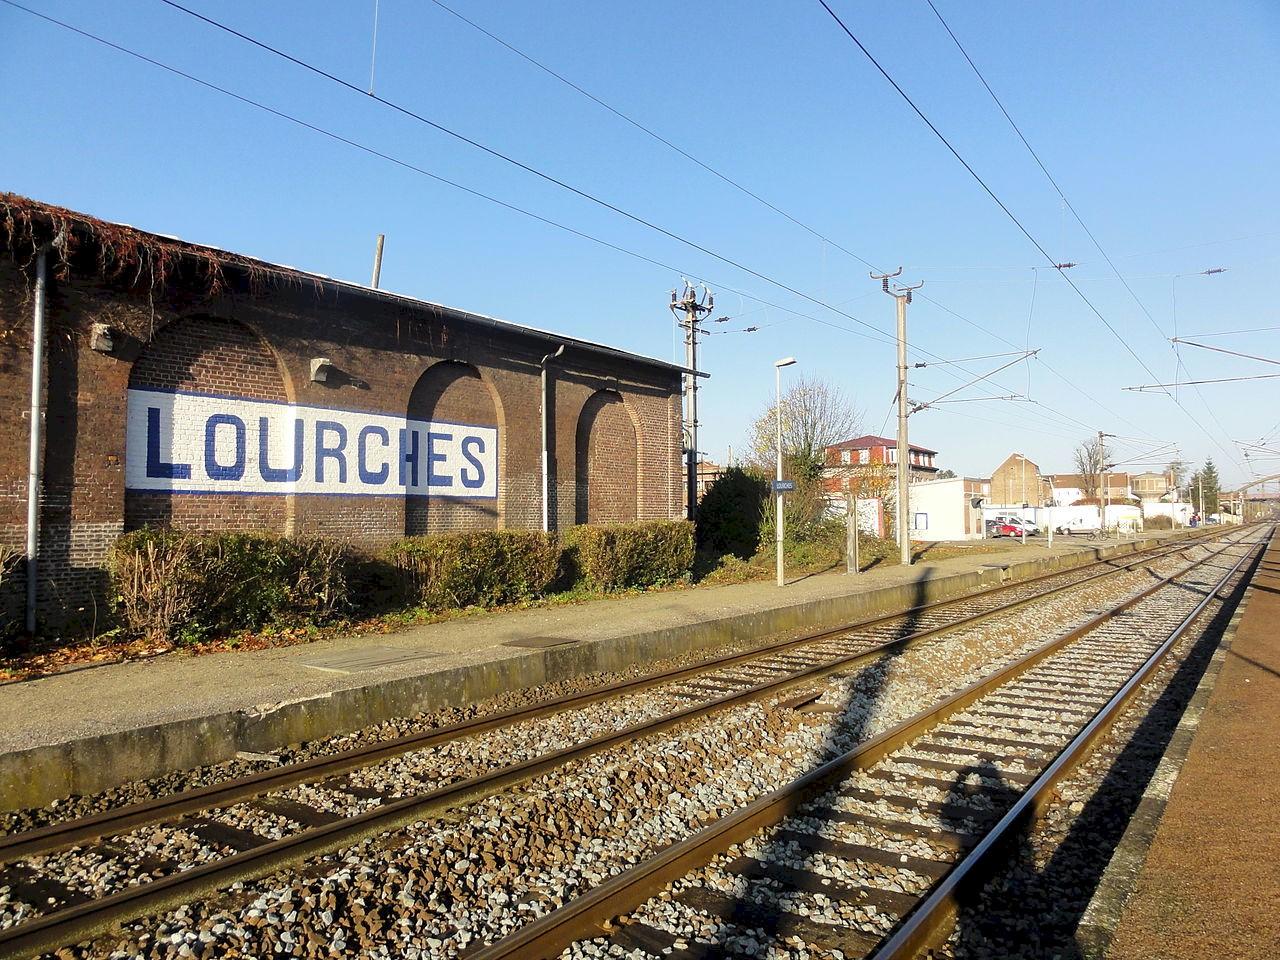 gare-de-lourches-train-station